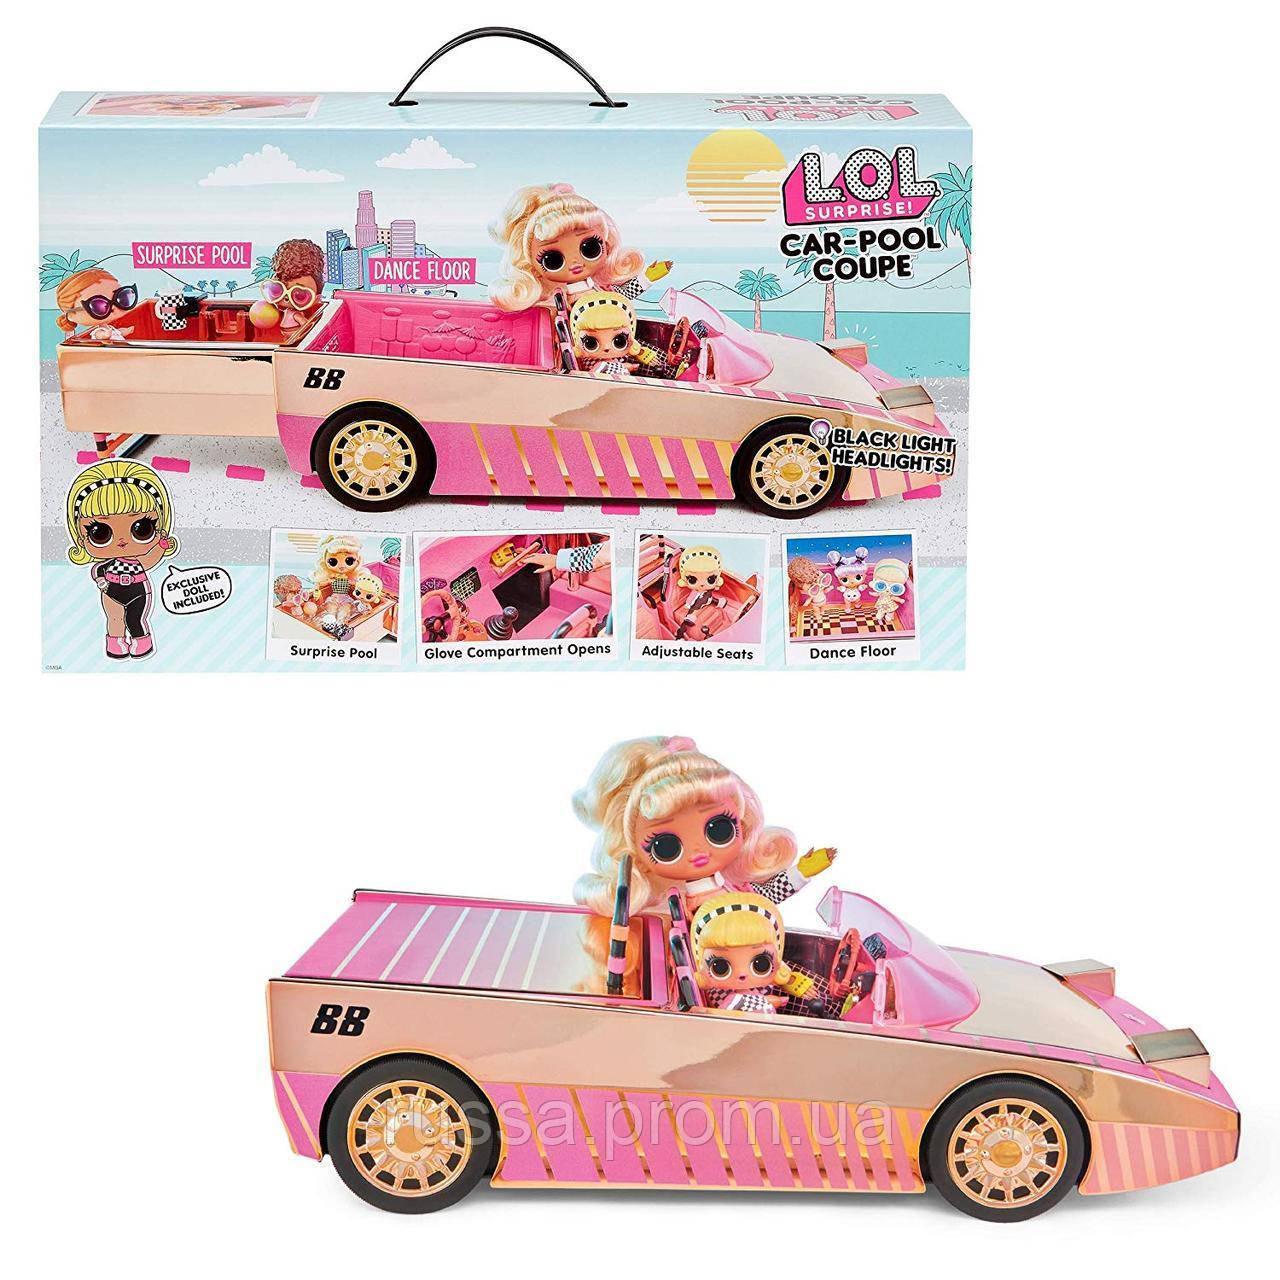 Кукла Лол Сюрприз машина кабриолет с бассейном LOL Surprise Car-Pool Coupe Оригинал MGA